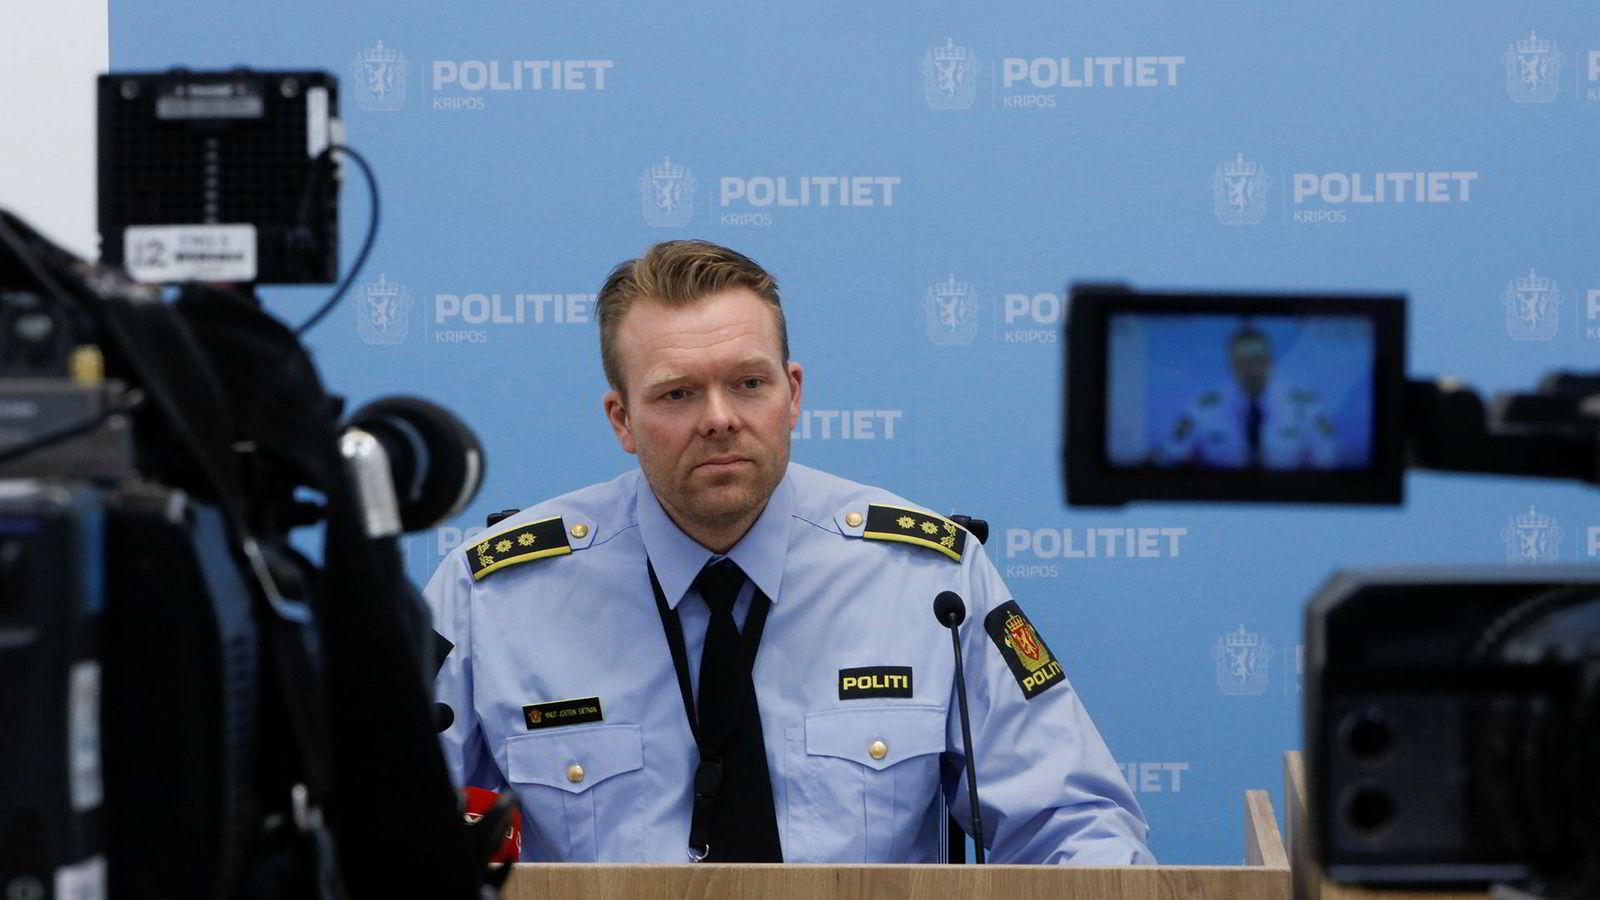 – Samarbeidet med Hydro er et eksempel til etterfølgelse for norske bedrifter som måtte rammes av et stort dataangrep, sier politiadvokat i Kripos, Knut Jostein Sætnan. Her under en pressekonferanse om dataangrepet mot Hydro i mars.